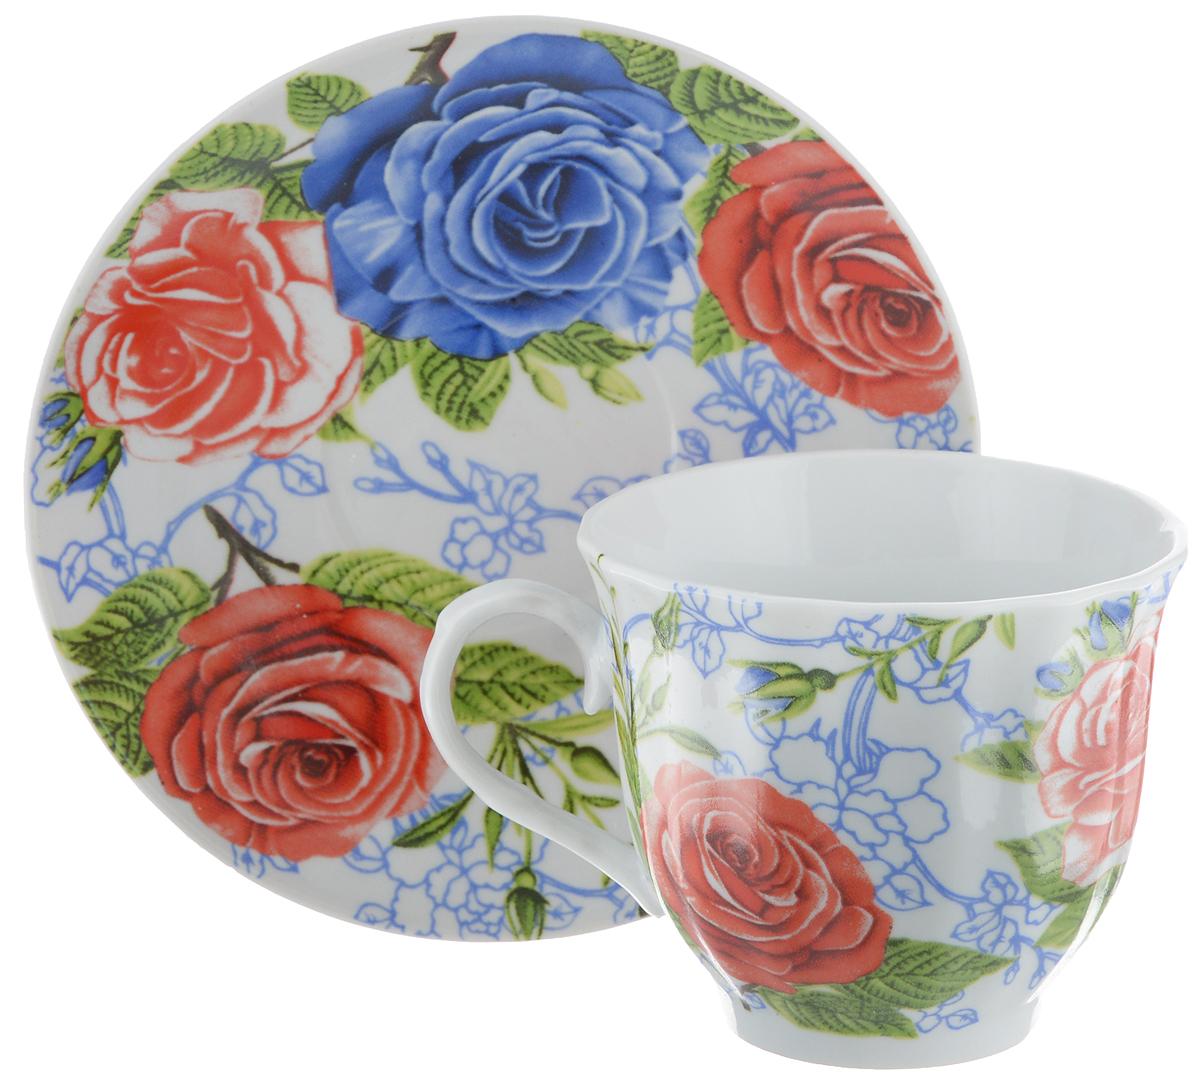 """Чайная пара """"Bella"""" состоит из чашки и блюдца, изготовленных из высококачественного фарфора. Оригинальный яркий дизайн, несомненно, придется вам по вкусу. Чайная пара """"Bella"""" украсит ваш кухонный стол, а также станет замечательным подарком к любому празднику. Диаметр чашки (по верхнему краю): 8,5 см. Высота чашки: 7 см. Объем чашки: 220 мл. Диаметр блюдца: 14 см."""